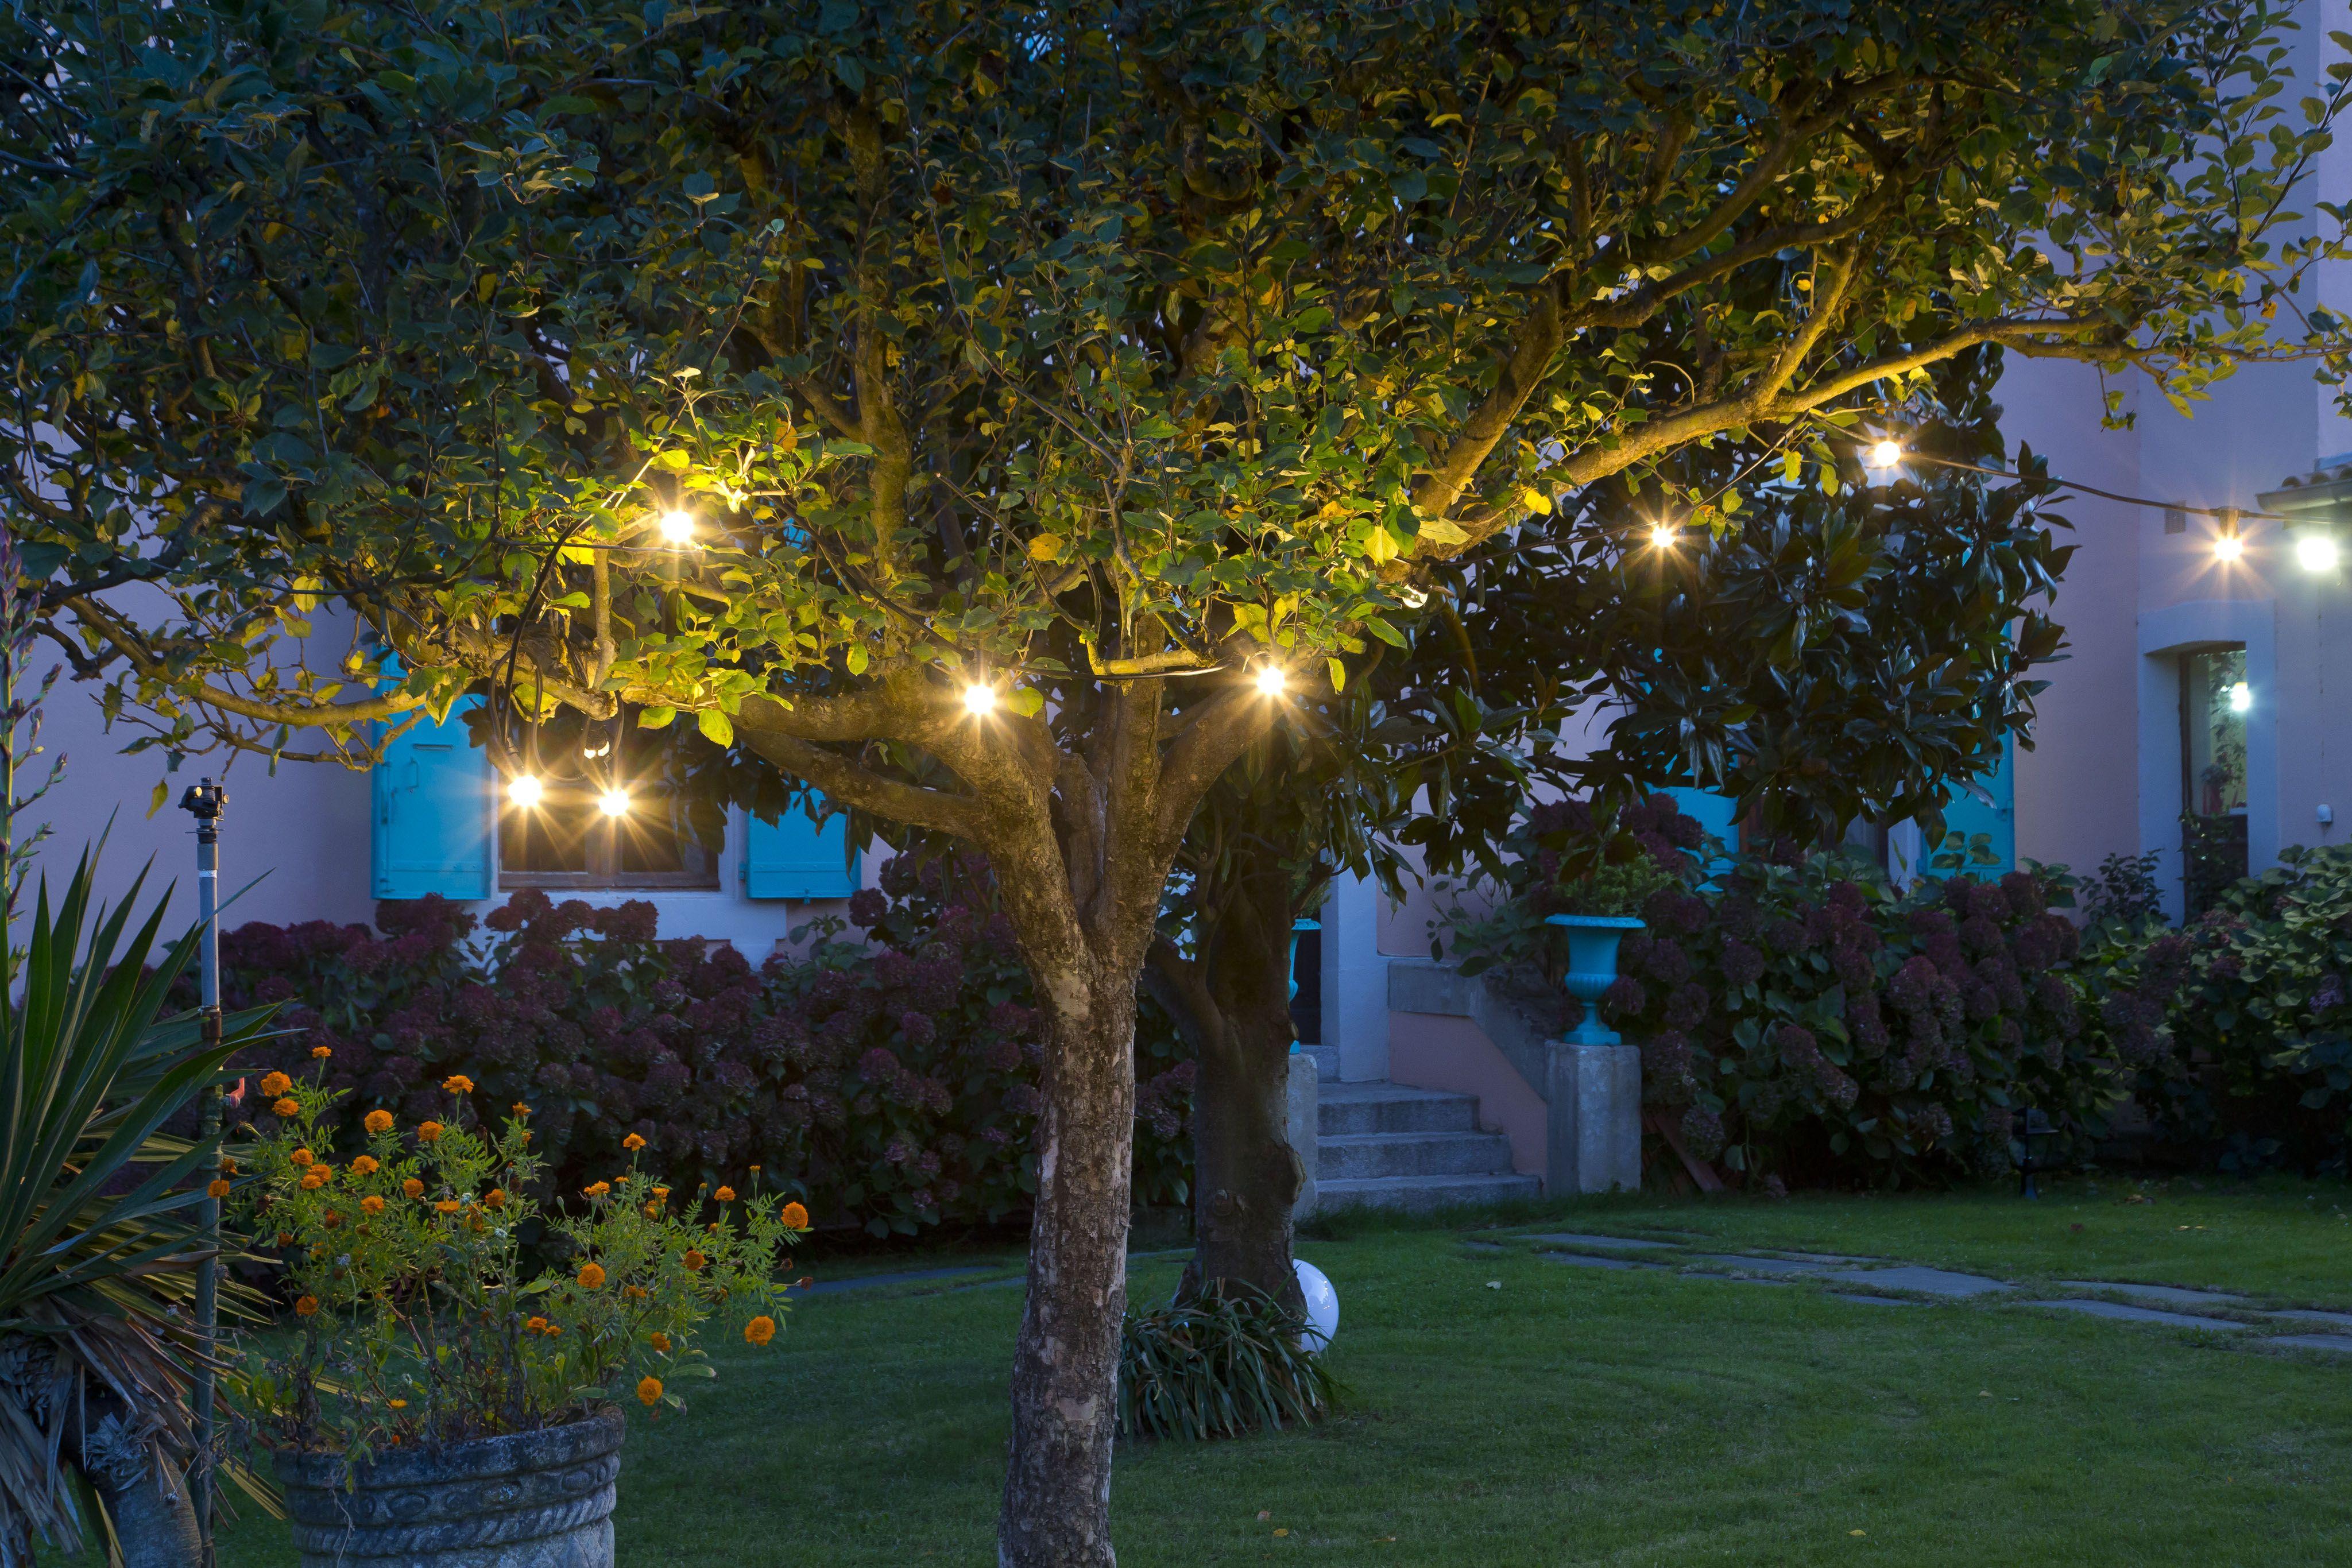 Epingle Par Eclairage Jardin Sur Eclairage Arbres Arbre Eclairage